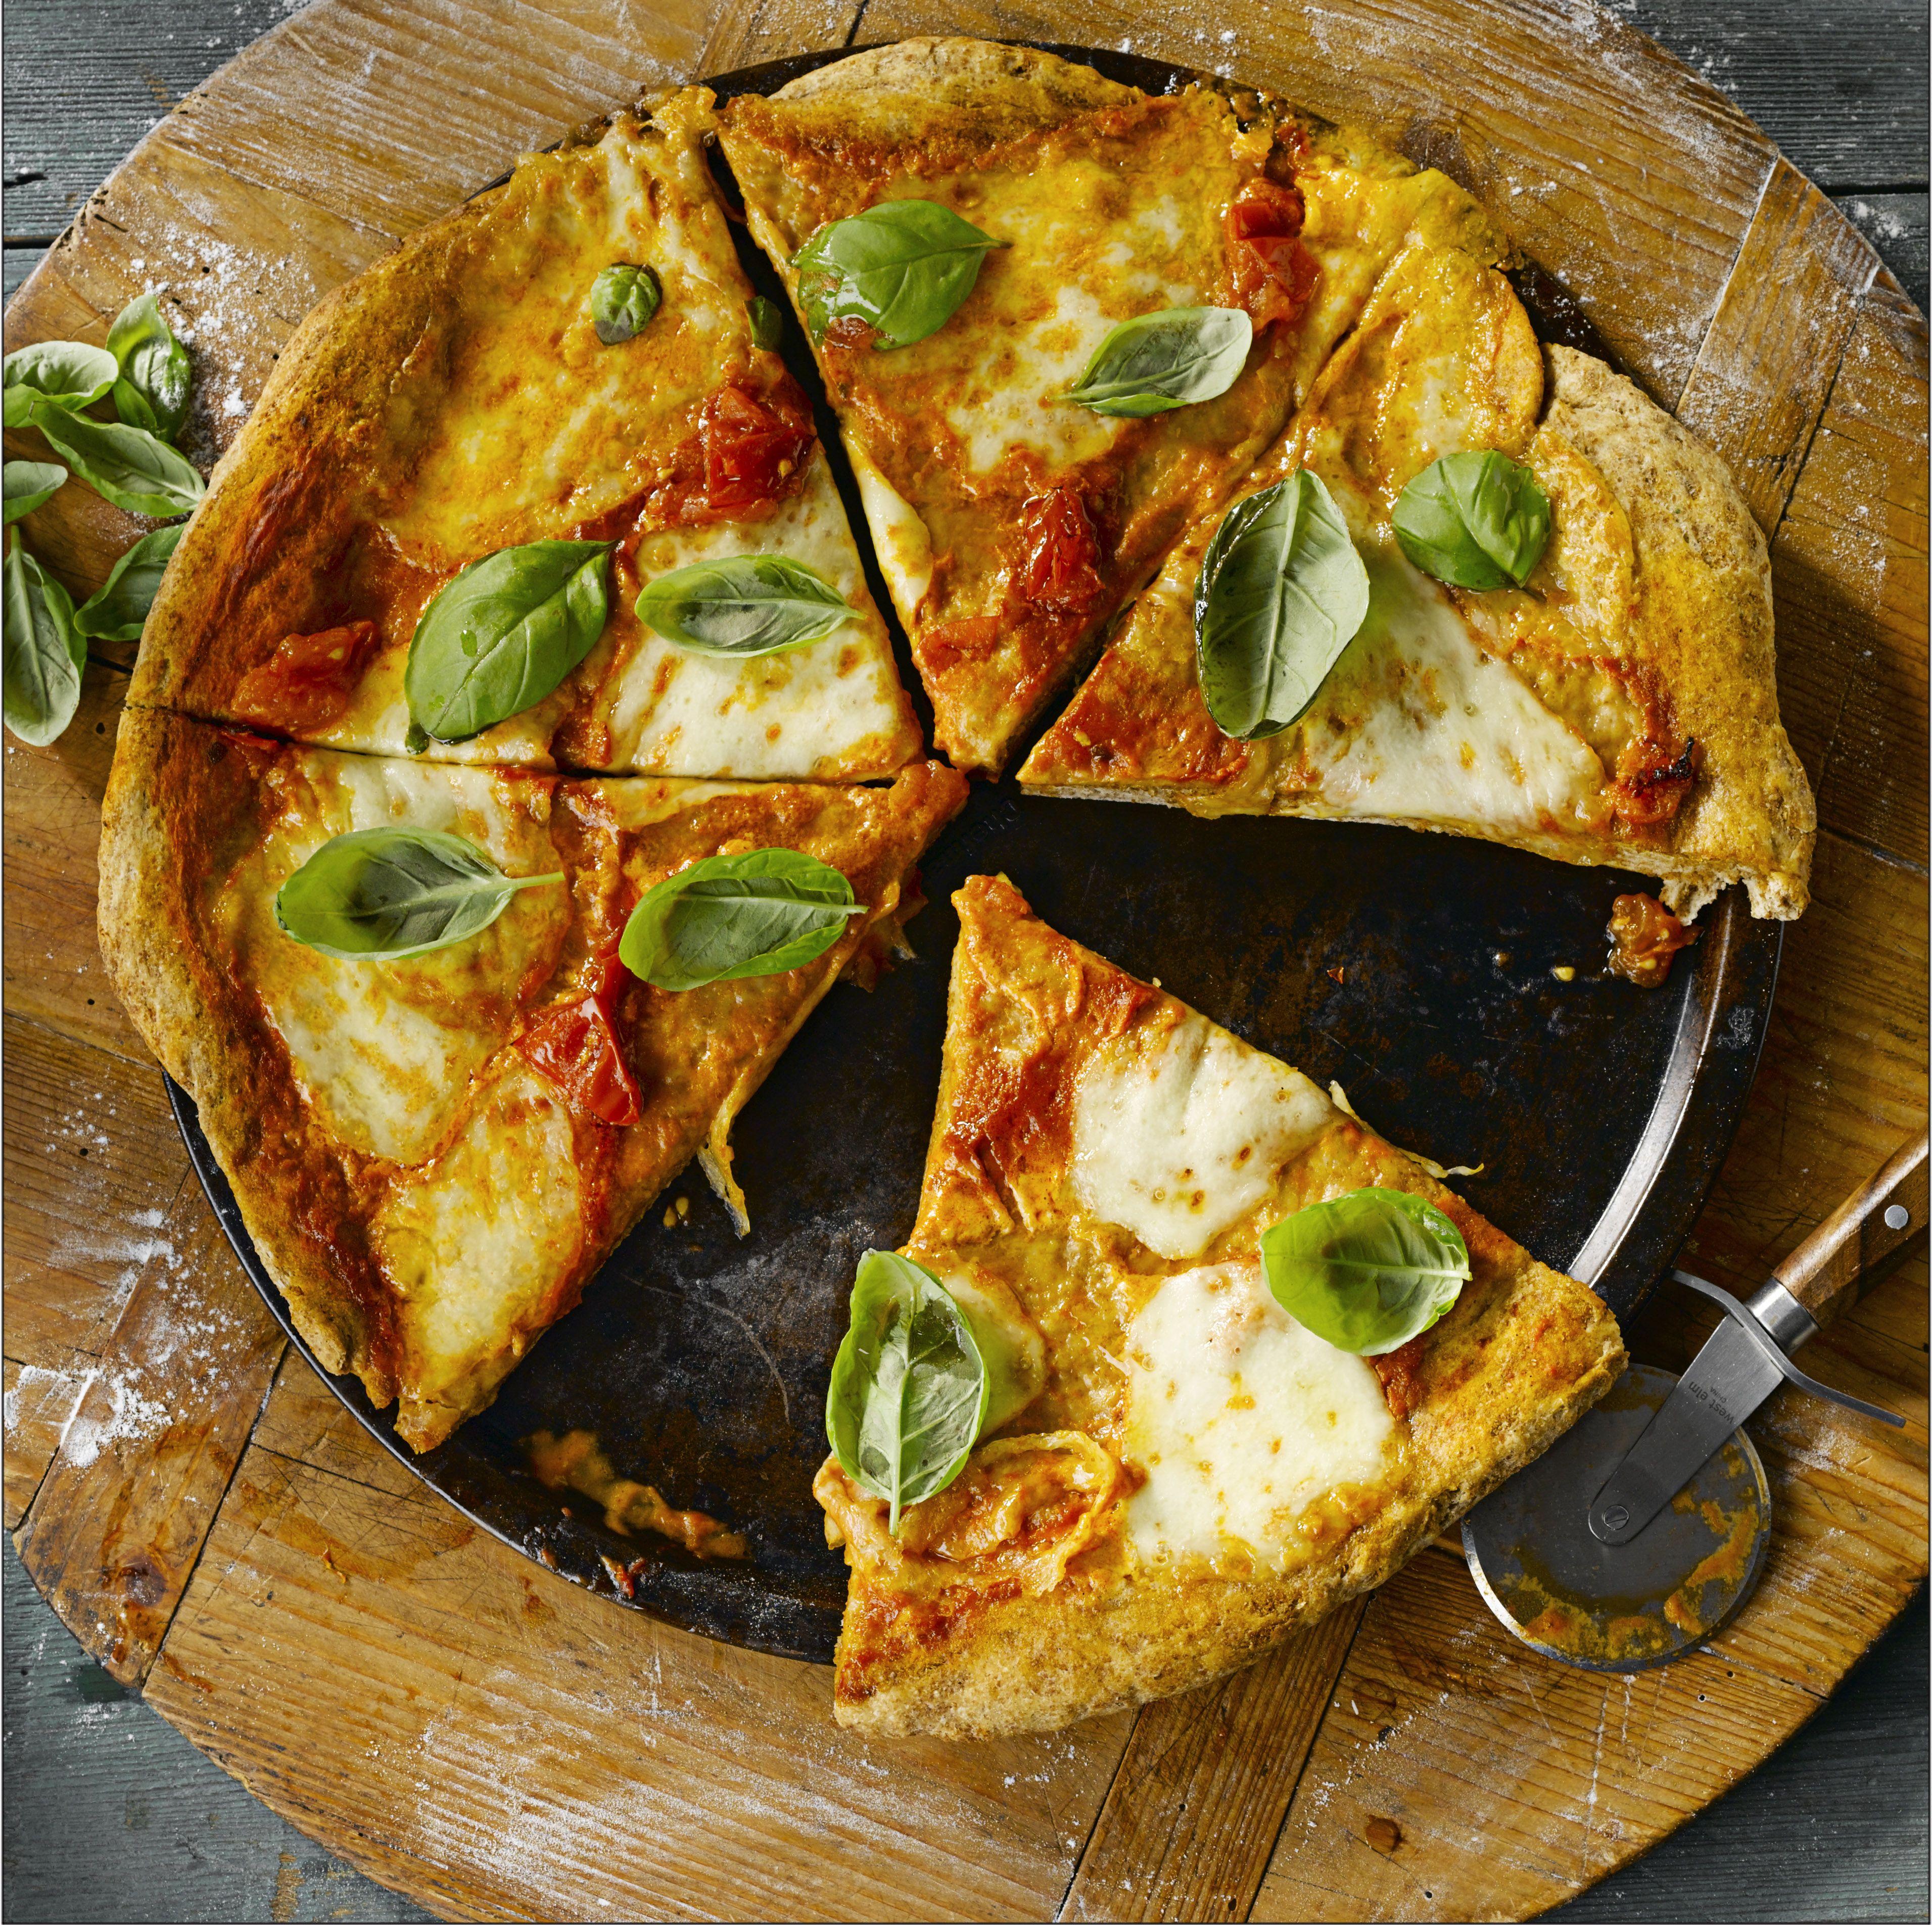 Recipes, No Yeast Pizza Dough